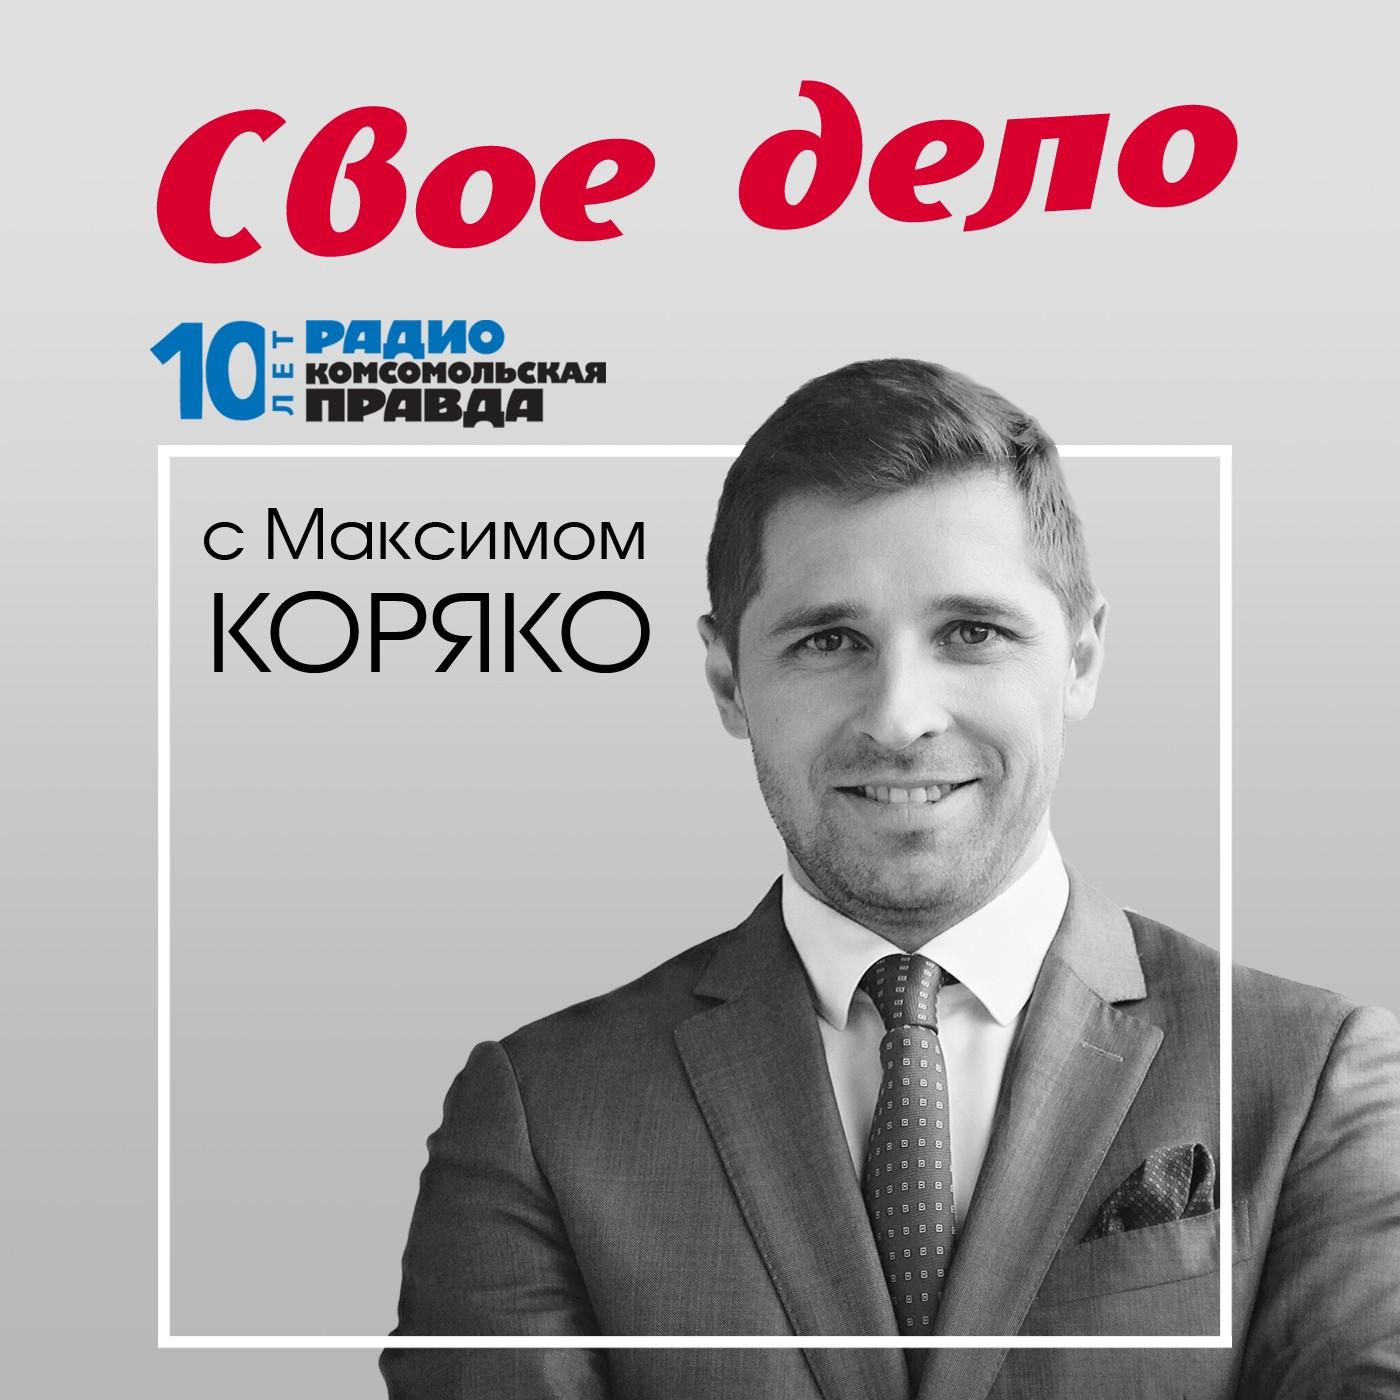 Радио «Комсомольская правда» Где найти деньги для инвестиций? Гость программы: член совета директоров компании Qumo Виталий Полехин